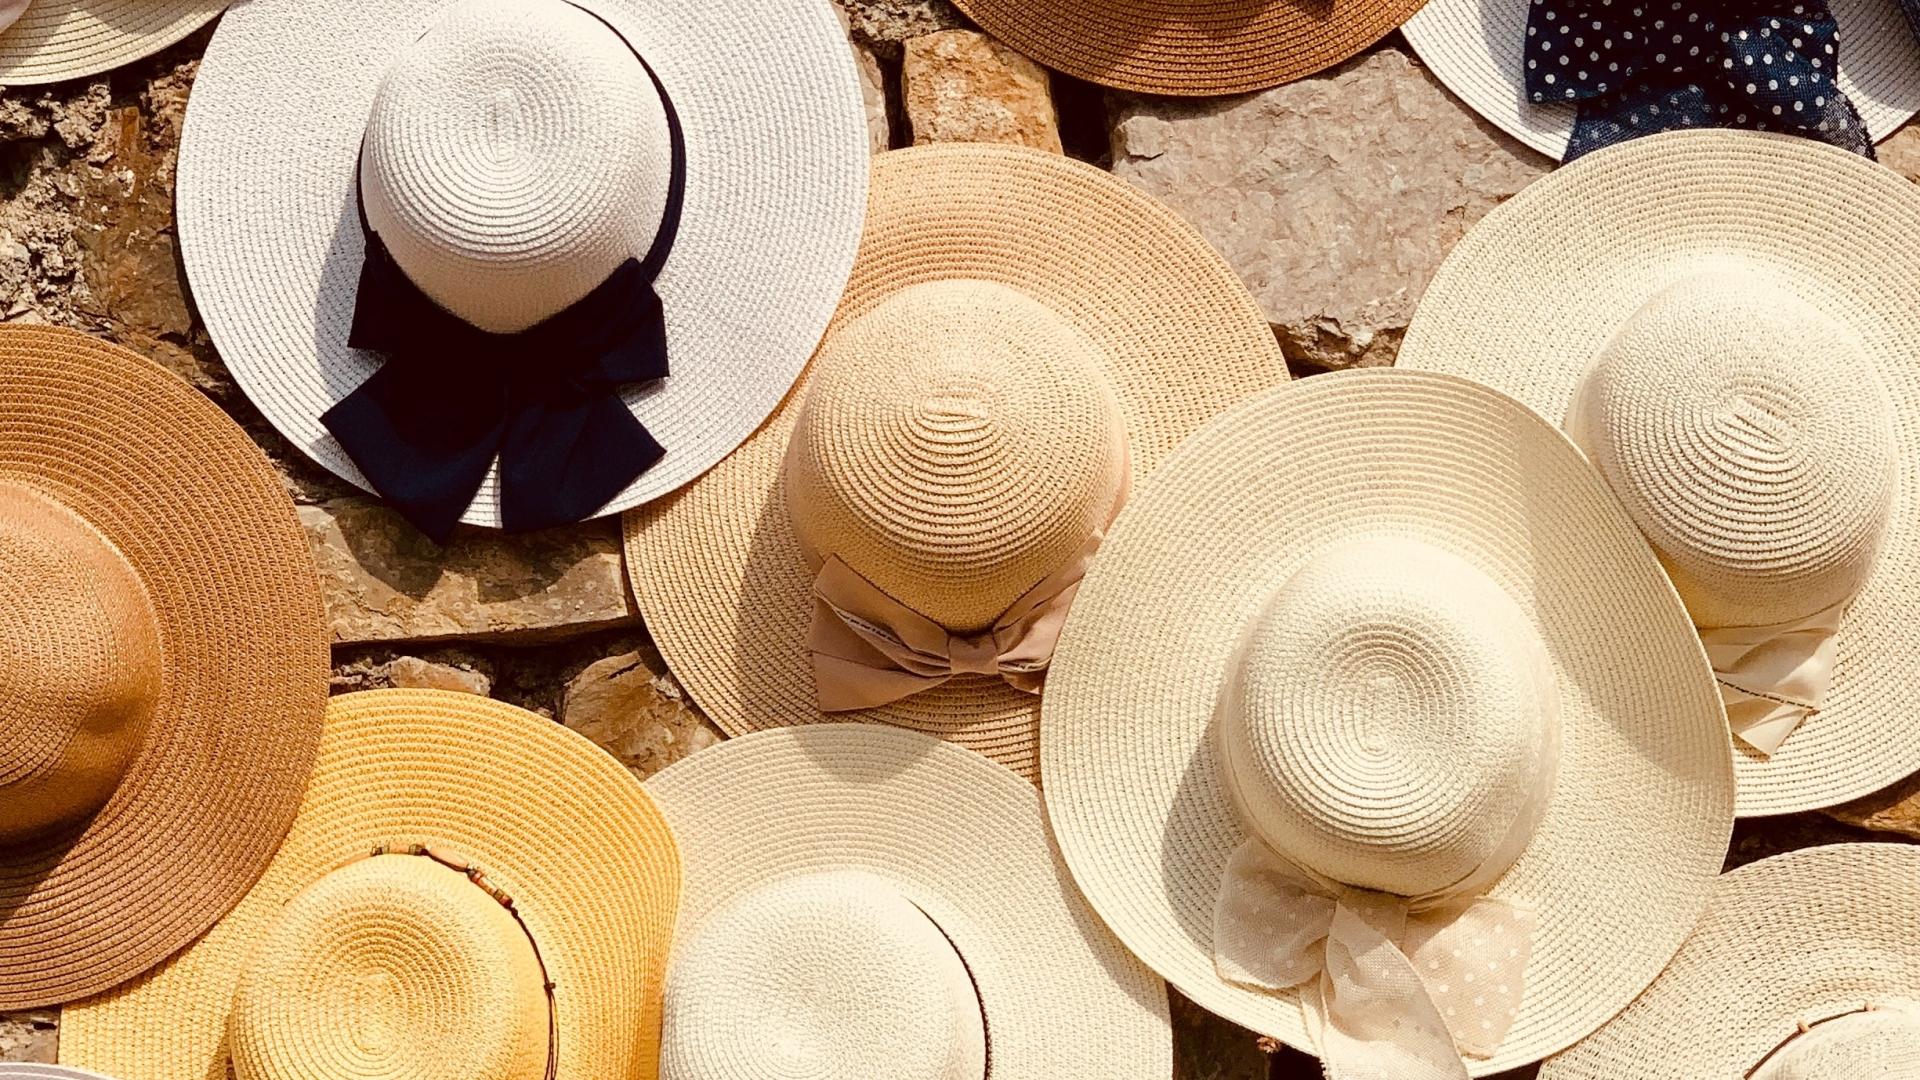 Een hoed als bescherming tegen de zon